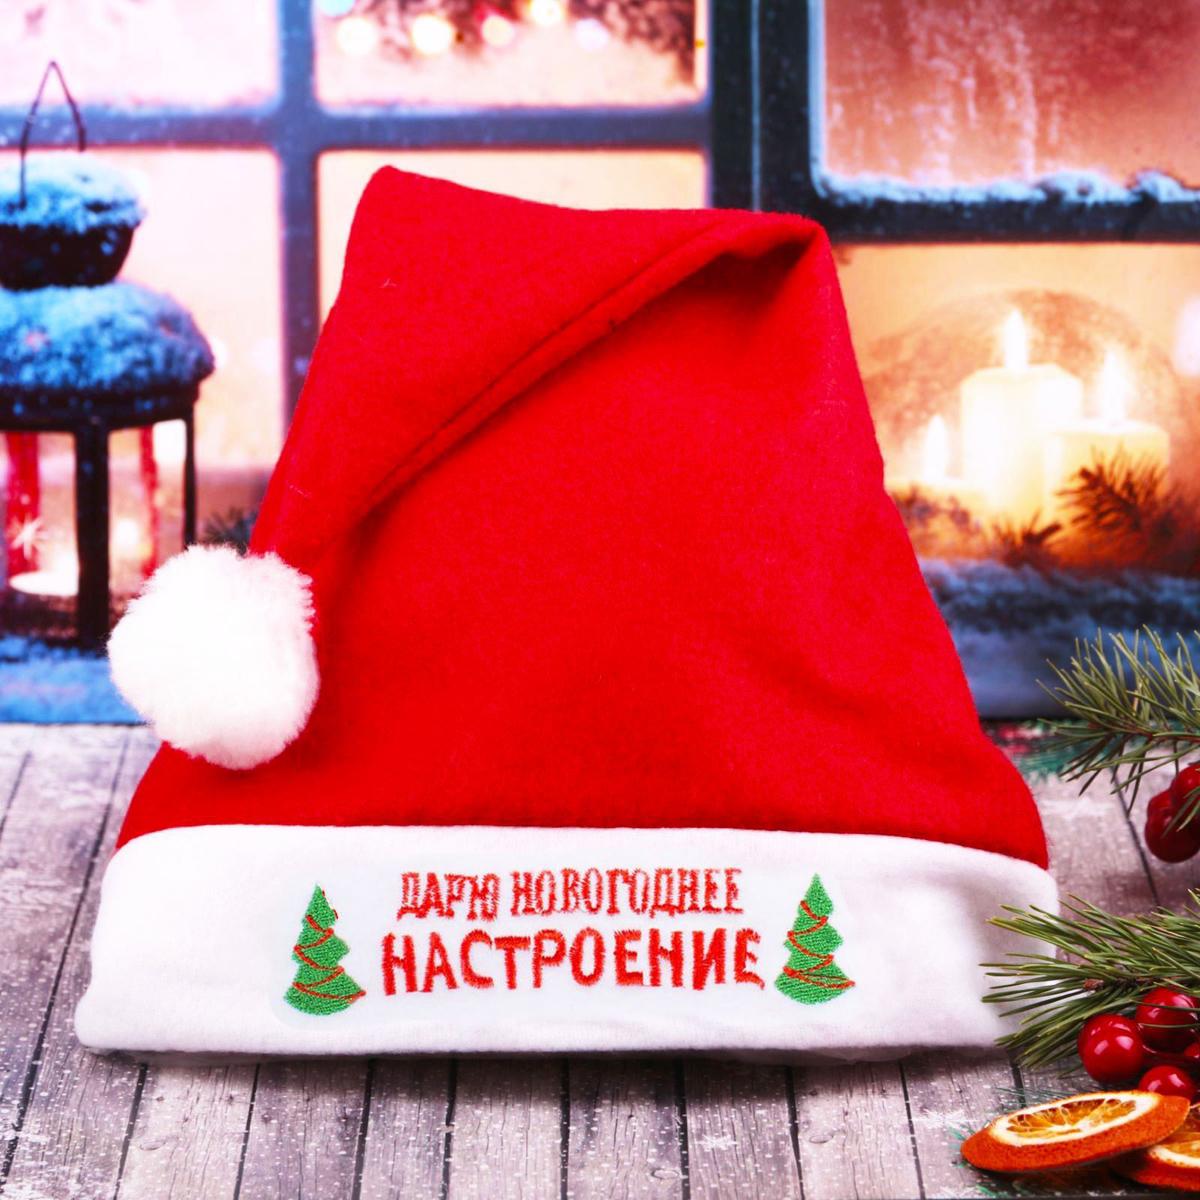 Колпак Дарю новогоднее настроение, 41 х 27 см2268087Колпак — традиционный новогодний головной убор, который дополнит любой праздничный костюм. Будет это корпоративная вечеринка, утренник в школе или отдых в компании друзей — изделие поднимет настроение, где бы вы ни находились. Колпачок подойдет тем, кто собирается отмечать зимний праздник в помещении. В противном случае его следует надеть на теплую шапку, чтобы не простудиться.